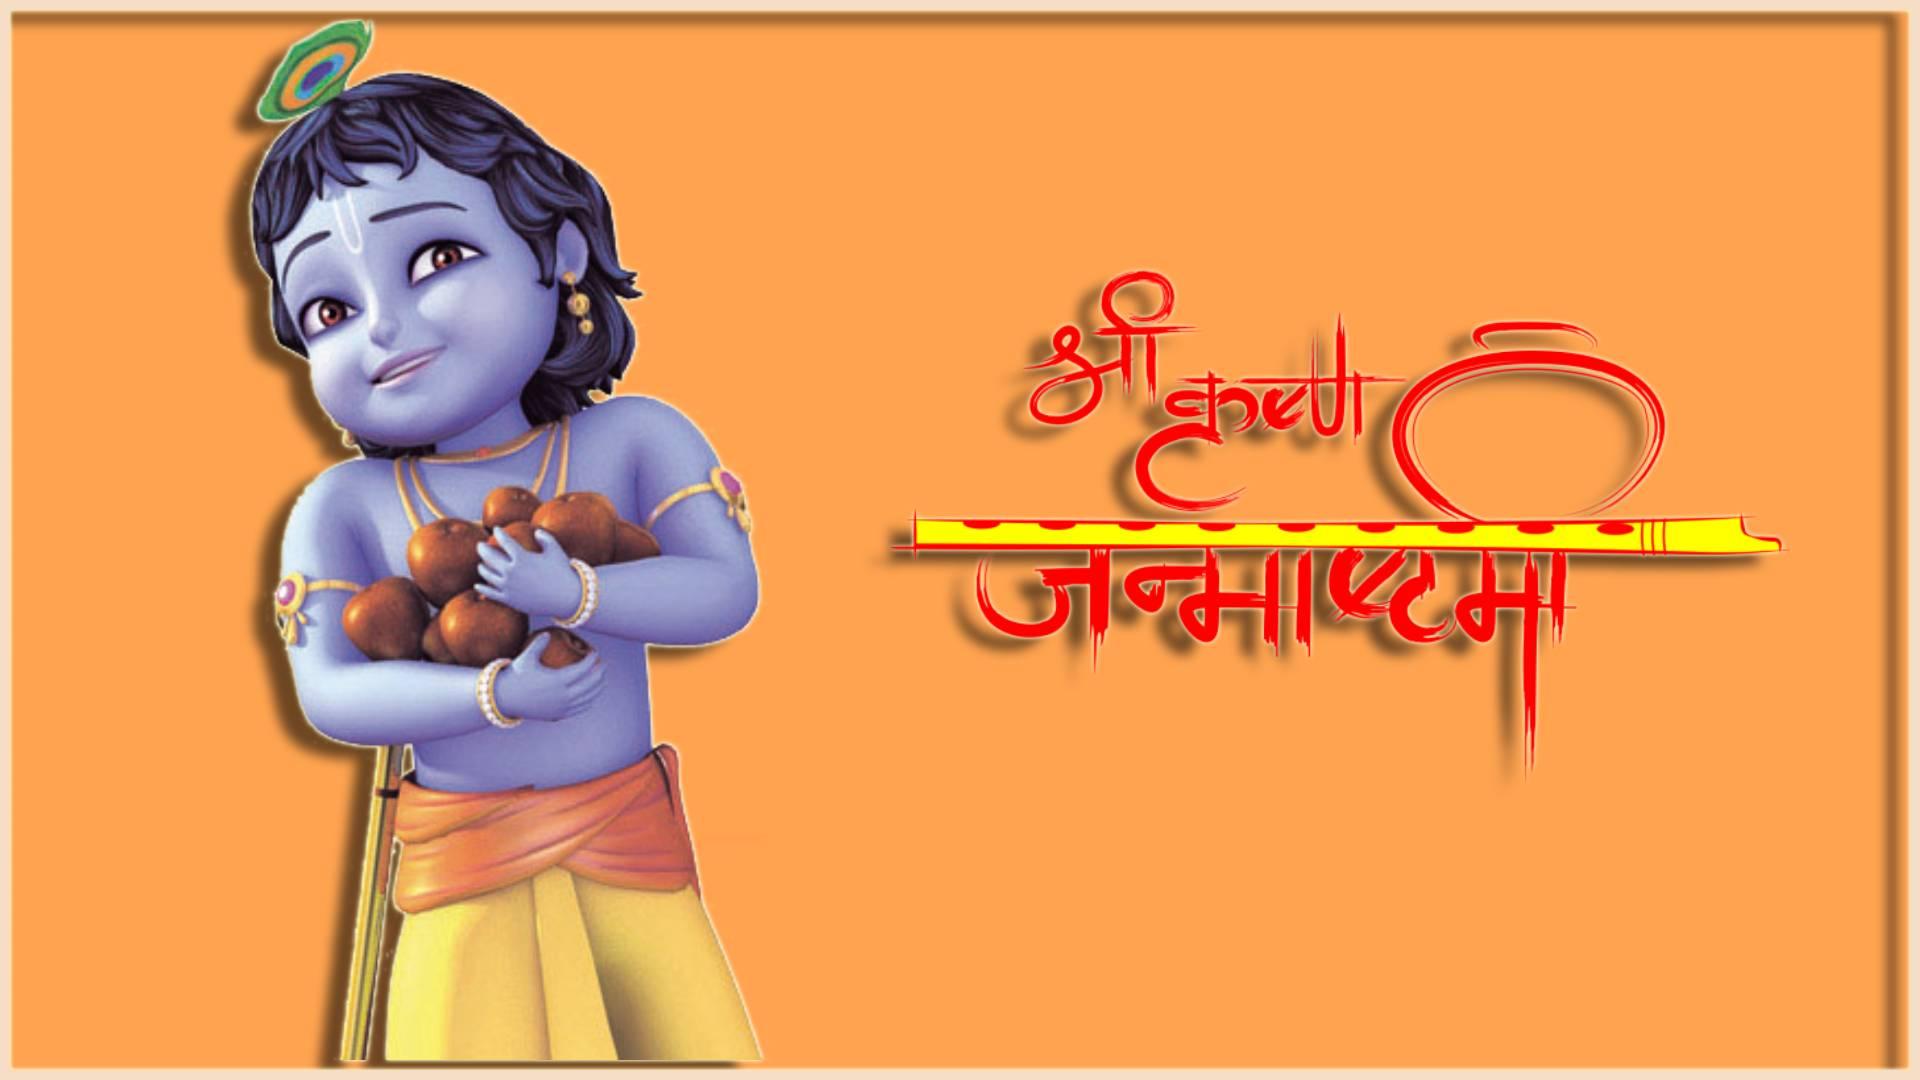 radha_krishna-images